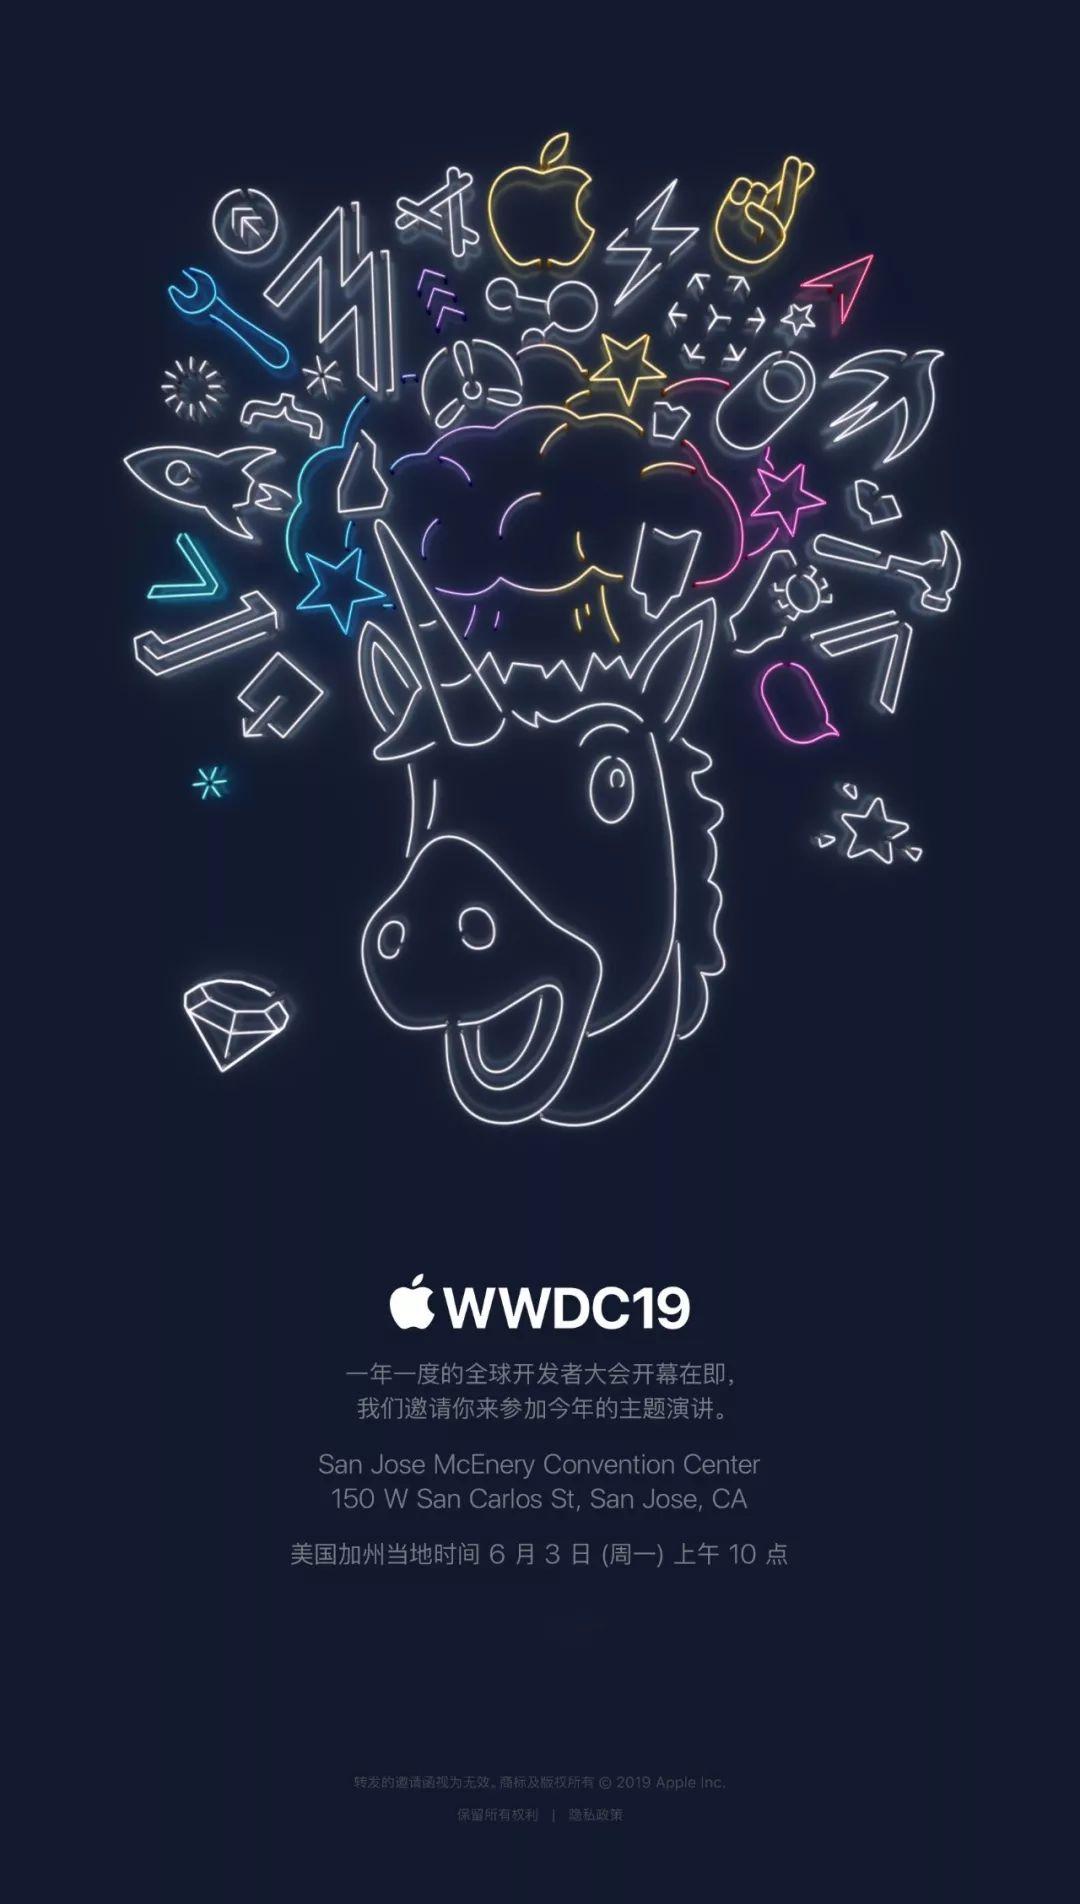 苹果发出 WWDC 邀请函 / iPhone 11 再曝光 / 腾讯开发《英雄联盟》手机版